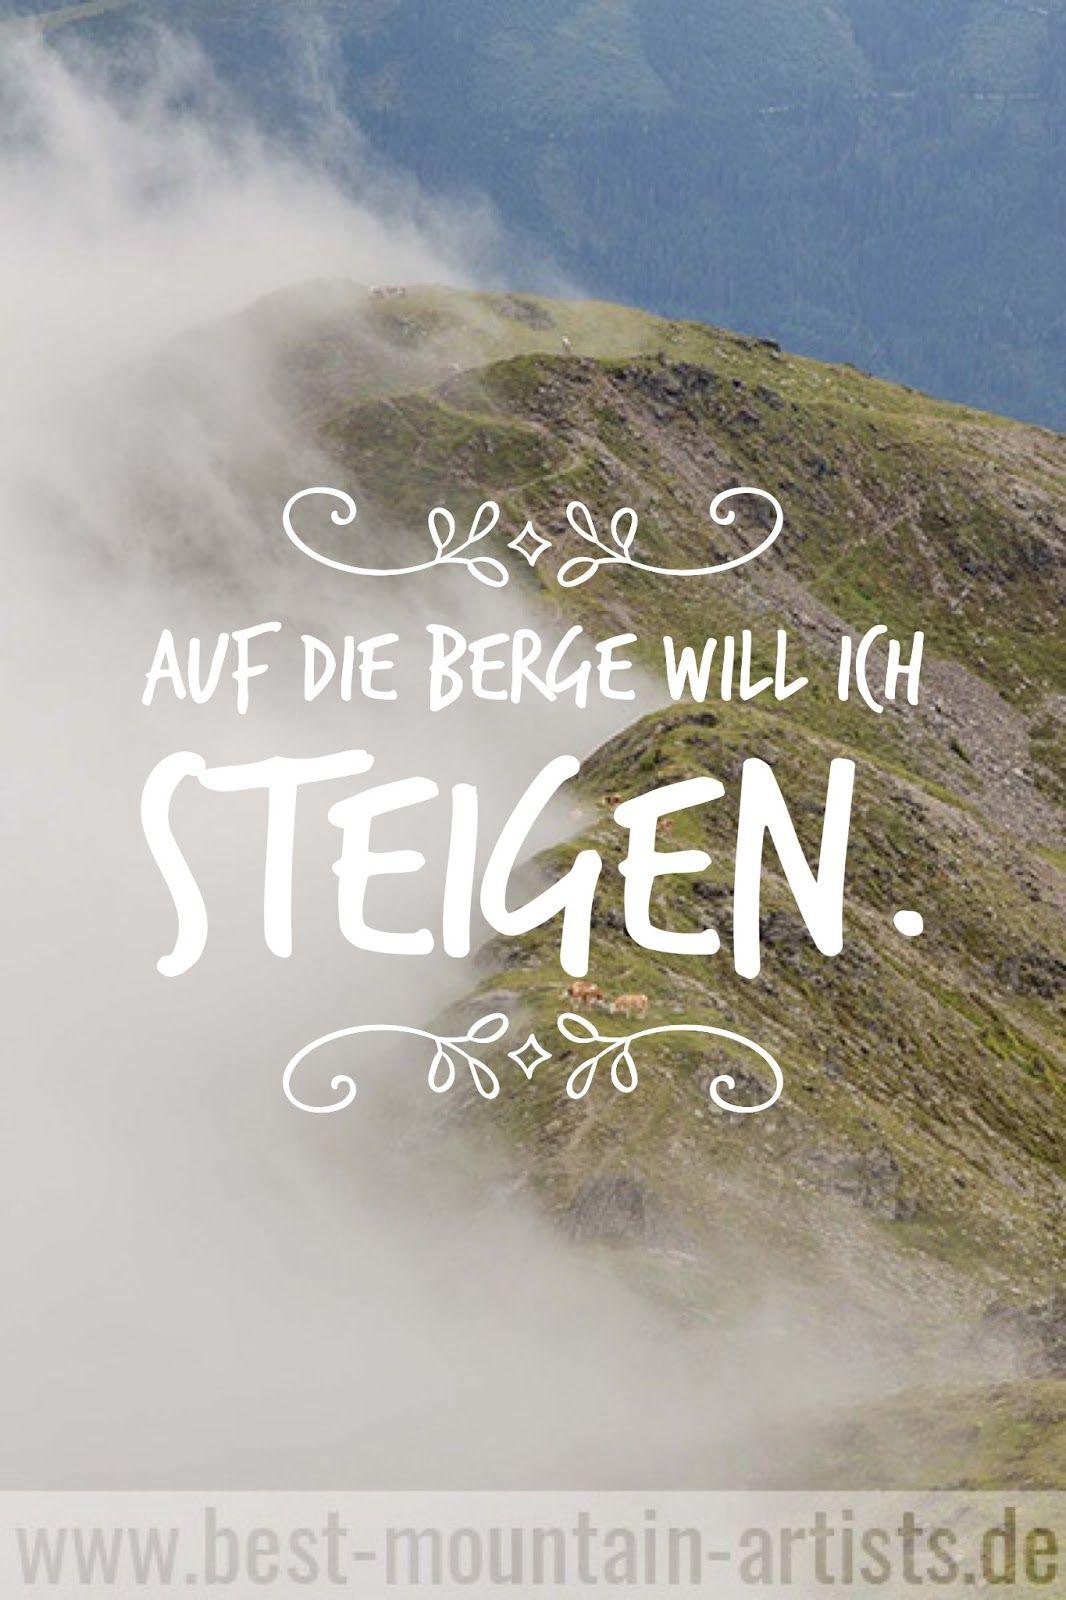 Die 100 Besten Wanderzitate Spruche Zitat Wand Berge Spruche